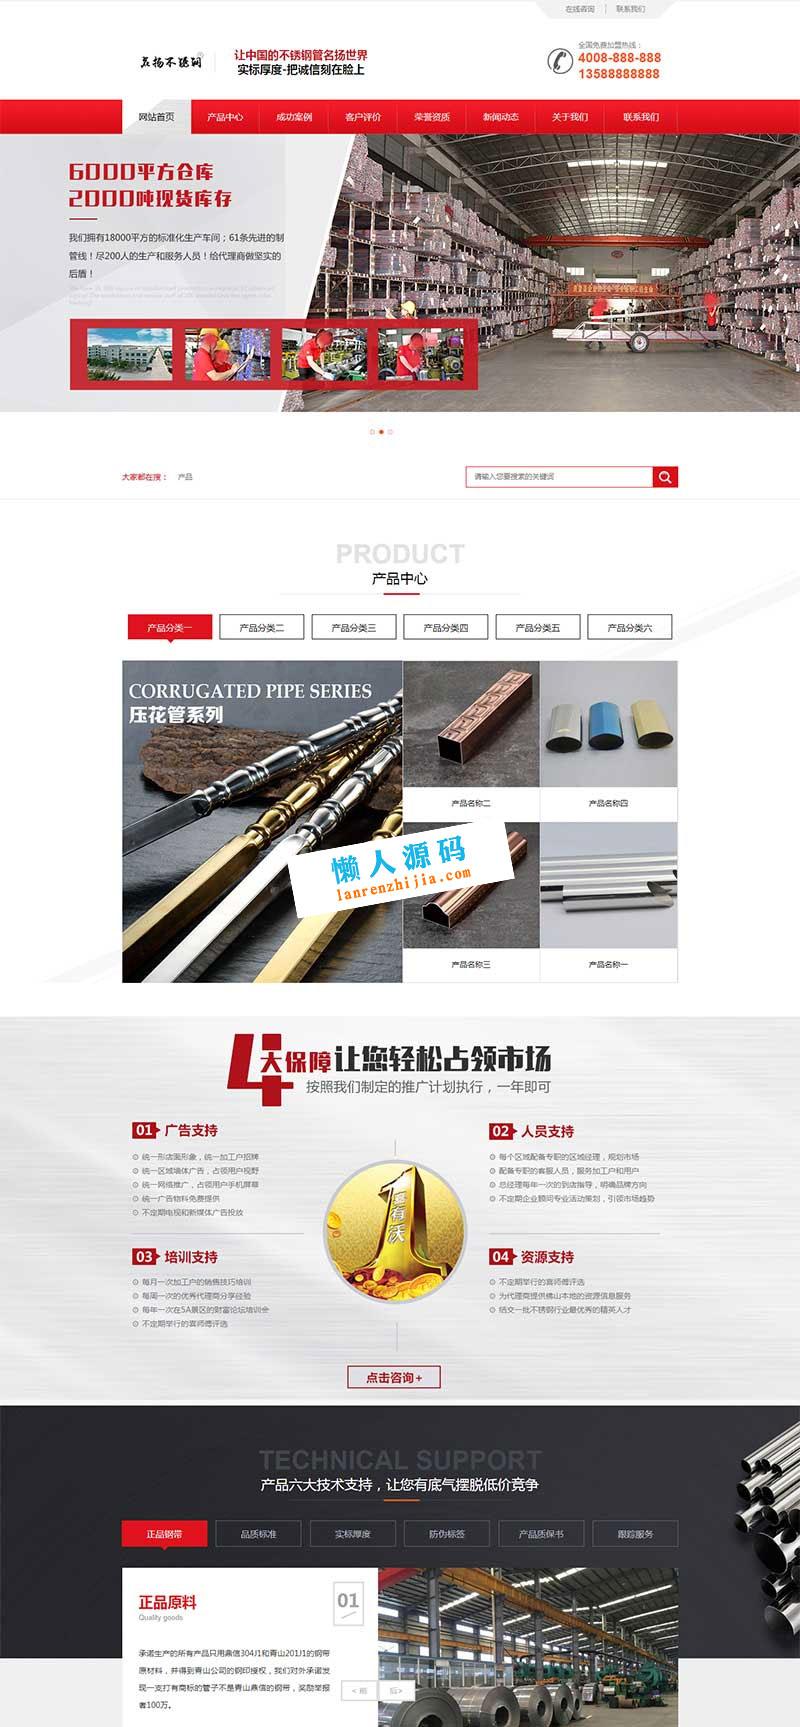 营销型不锈钢钢材钢管公司网站源码 织梦dedecms模板 (带手机移动端)